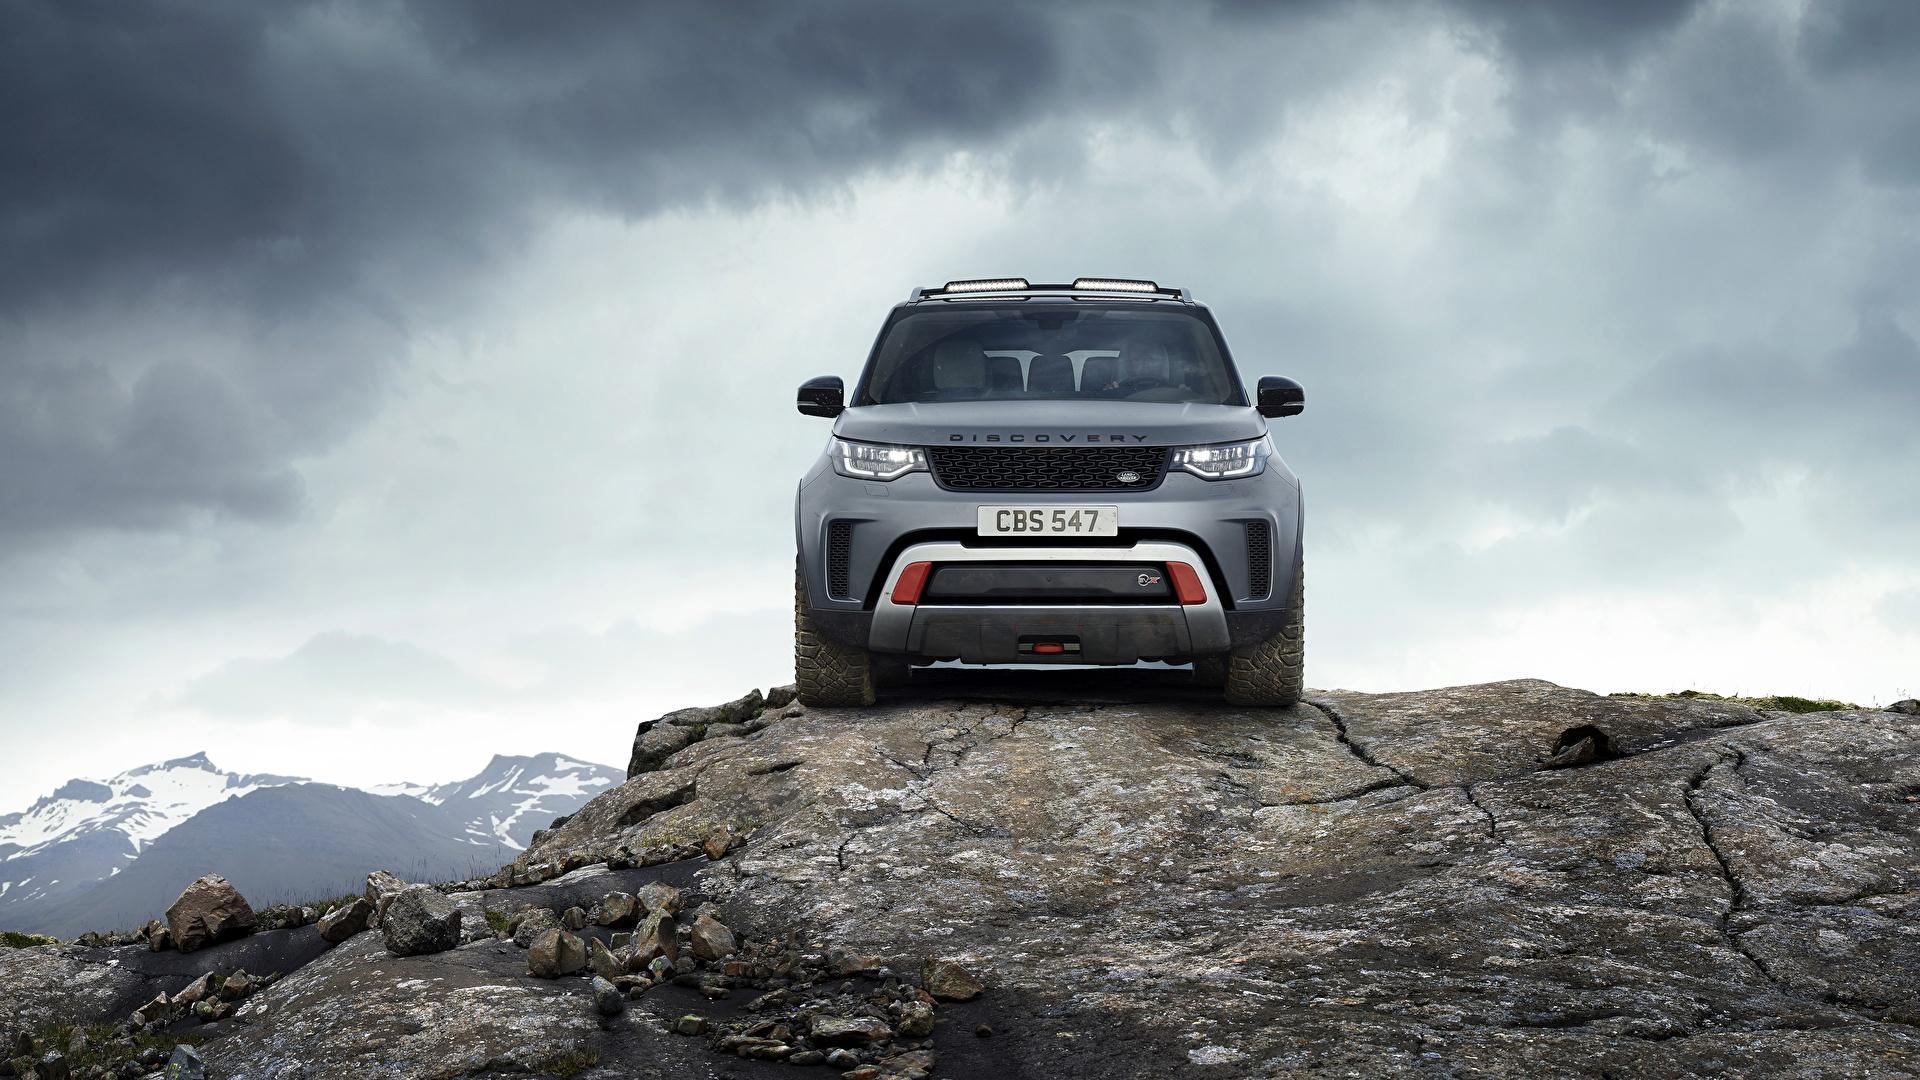 Фотографии Range Rover Внедорожник Discovery 4x4 2017 V8 SVX 525 скалы серая Камни Спереди Металлик Автомобили 1920x1080 Land Rover SUV Утес скале Скала Серый серые авто Камень машины машина автомобиль